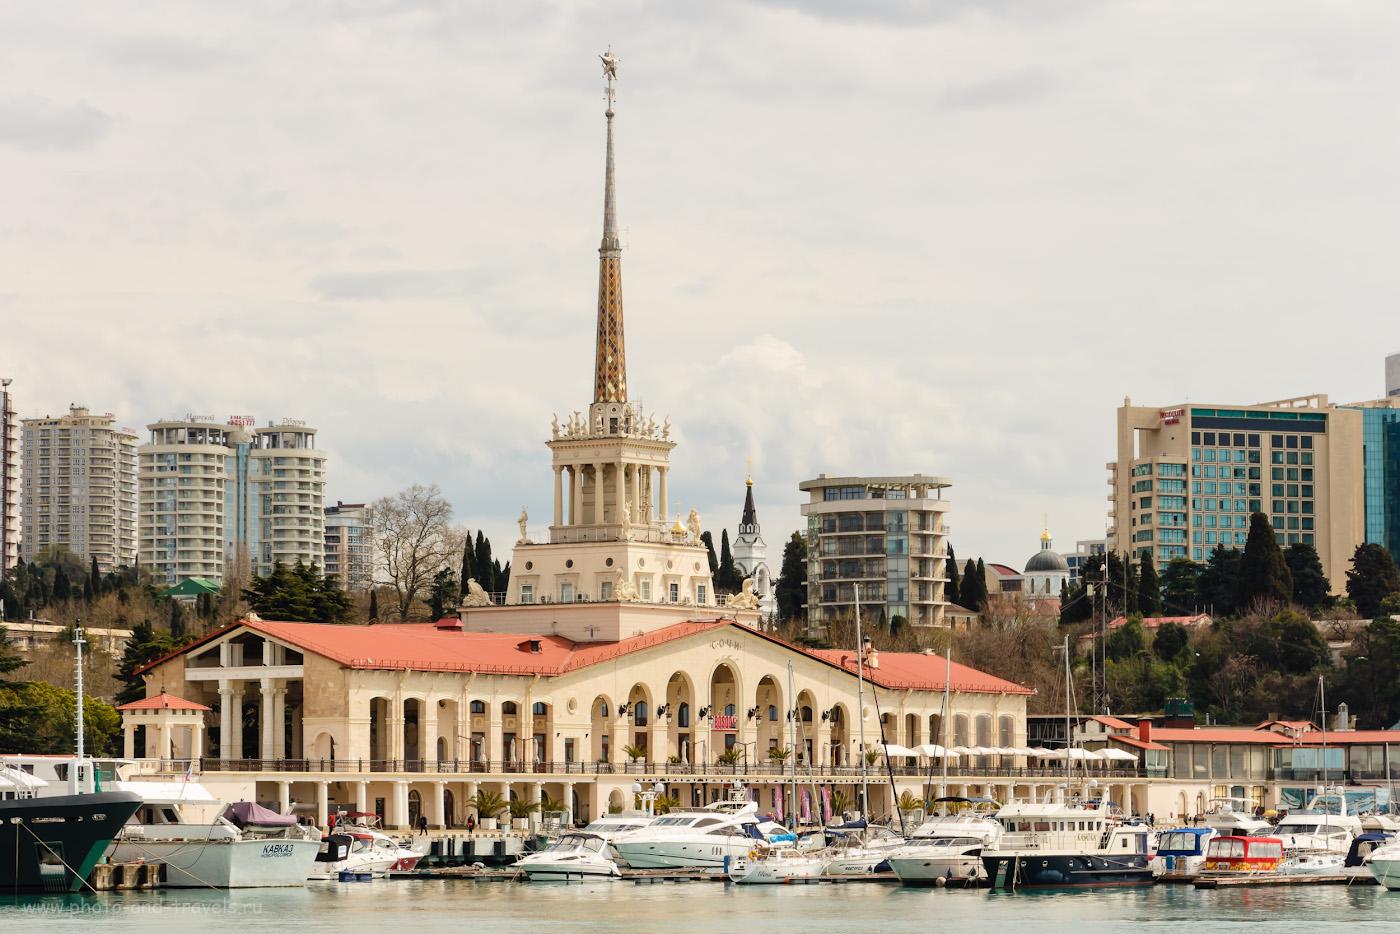 Фото 9. Здание старого Морского вокзала. Достопримечательности центрального района. 1/640, f/8, ISO 200, 67.